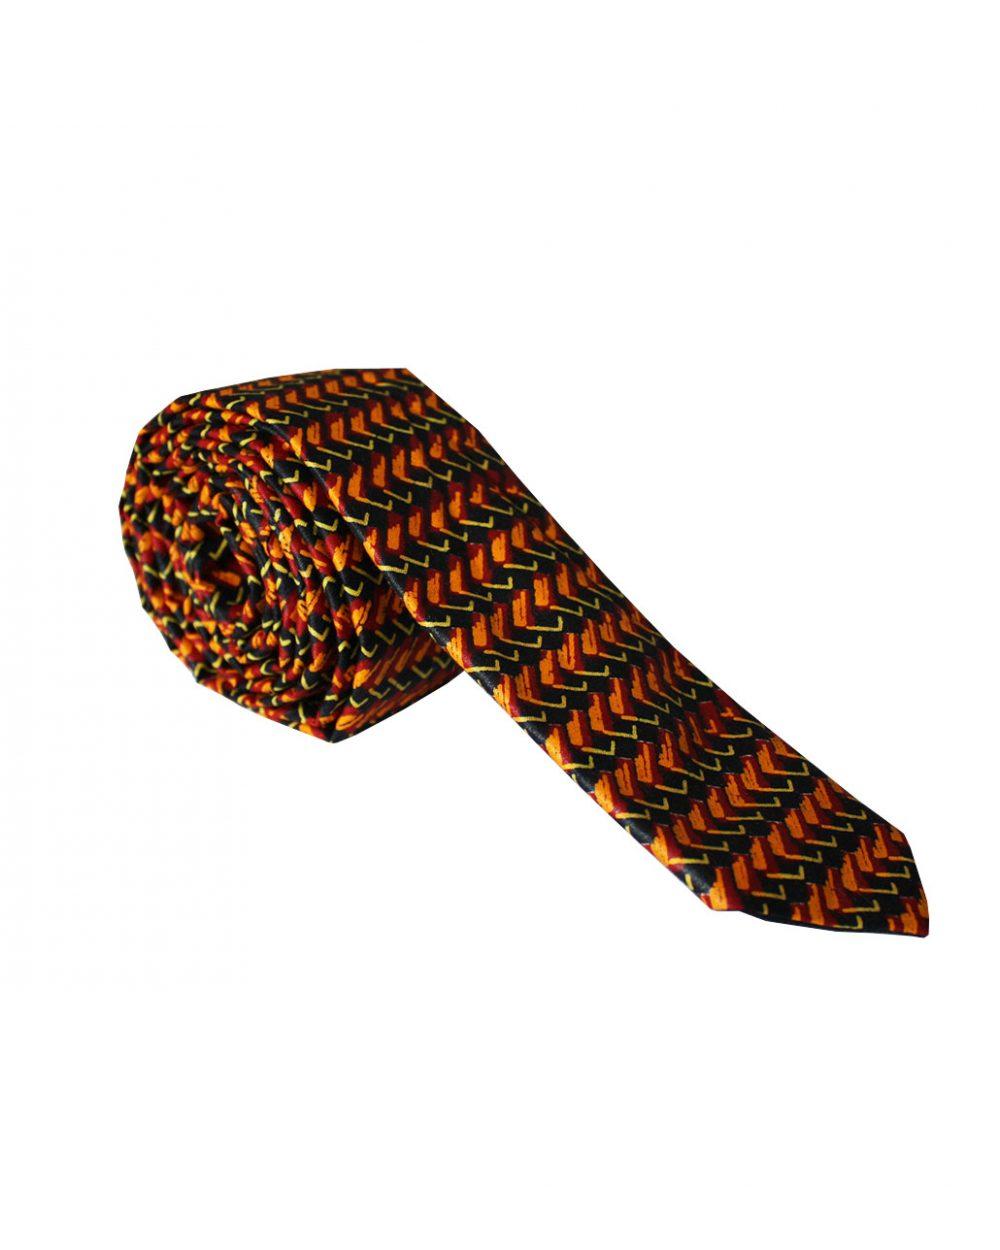 Cravate en wax marron écailles |Le Noeud Kipé